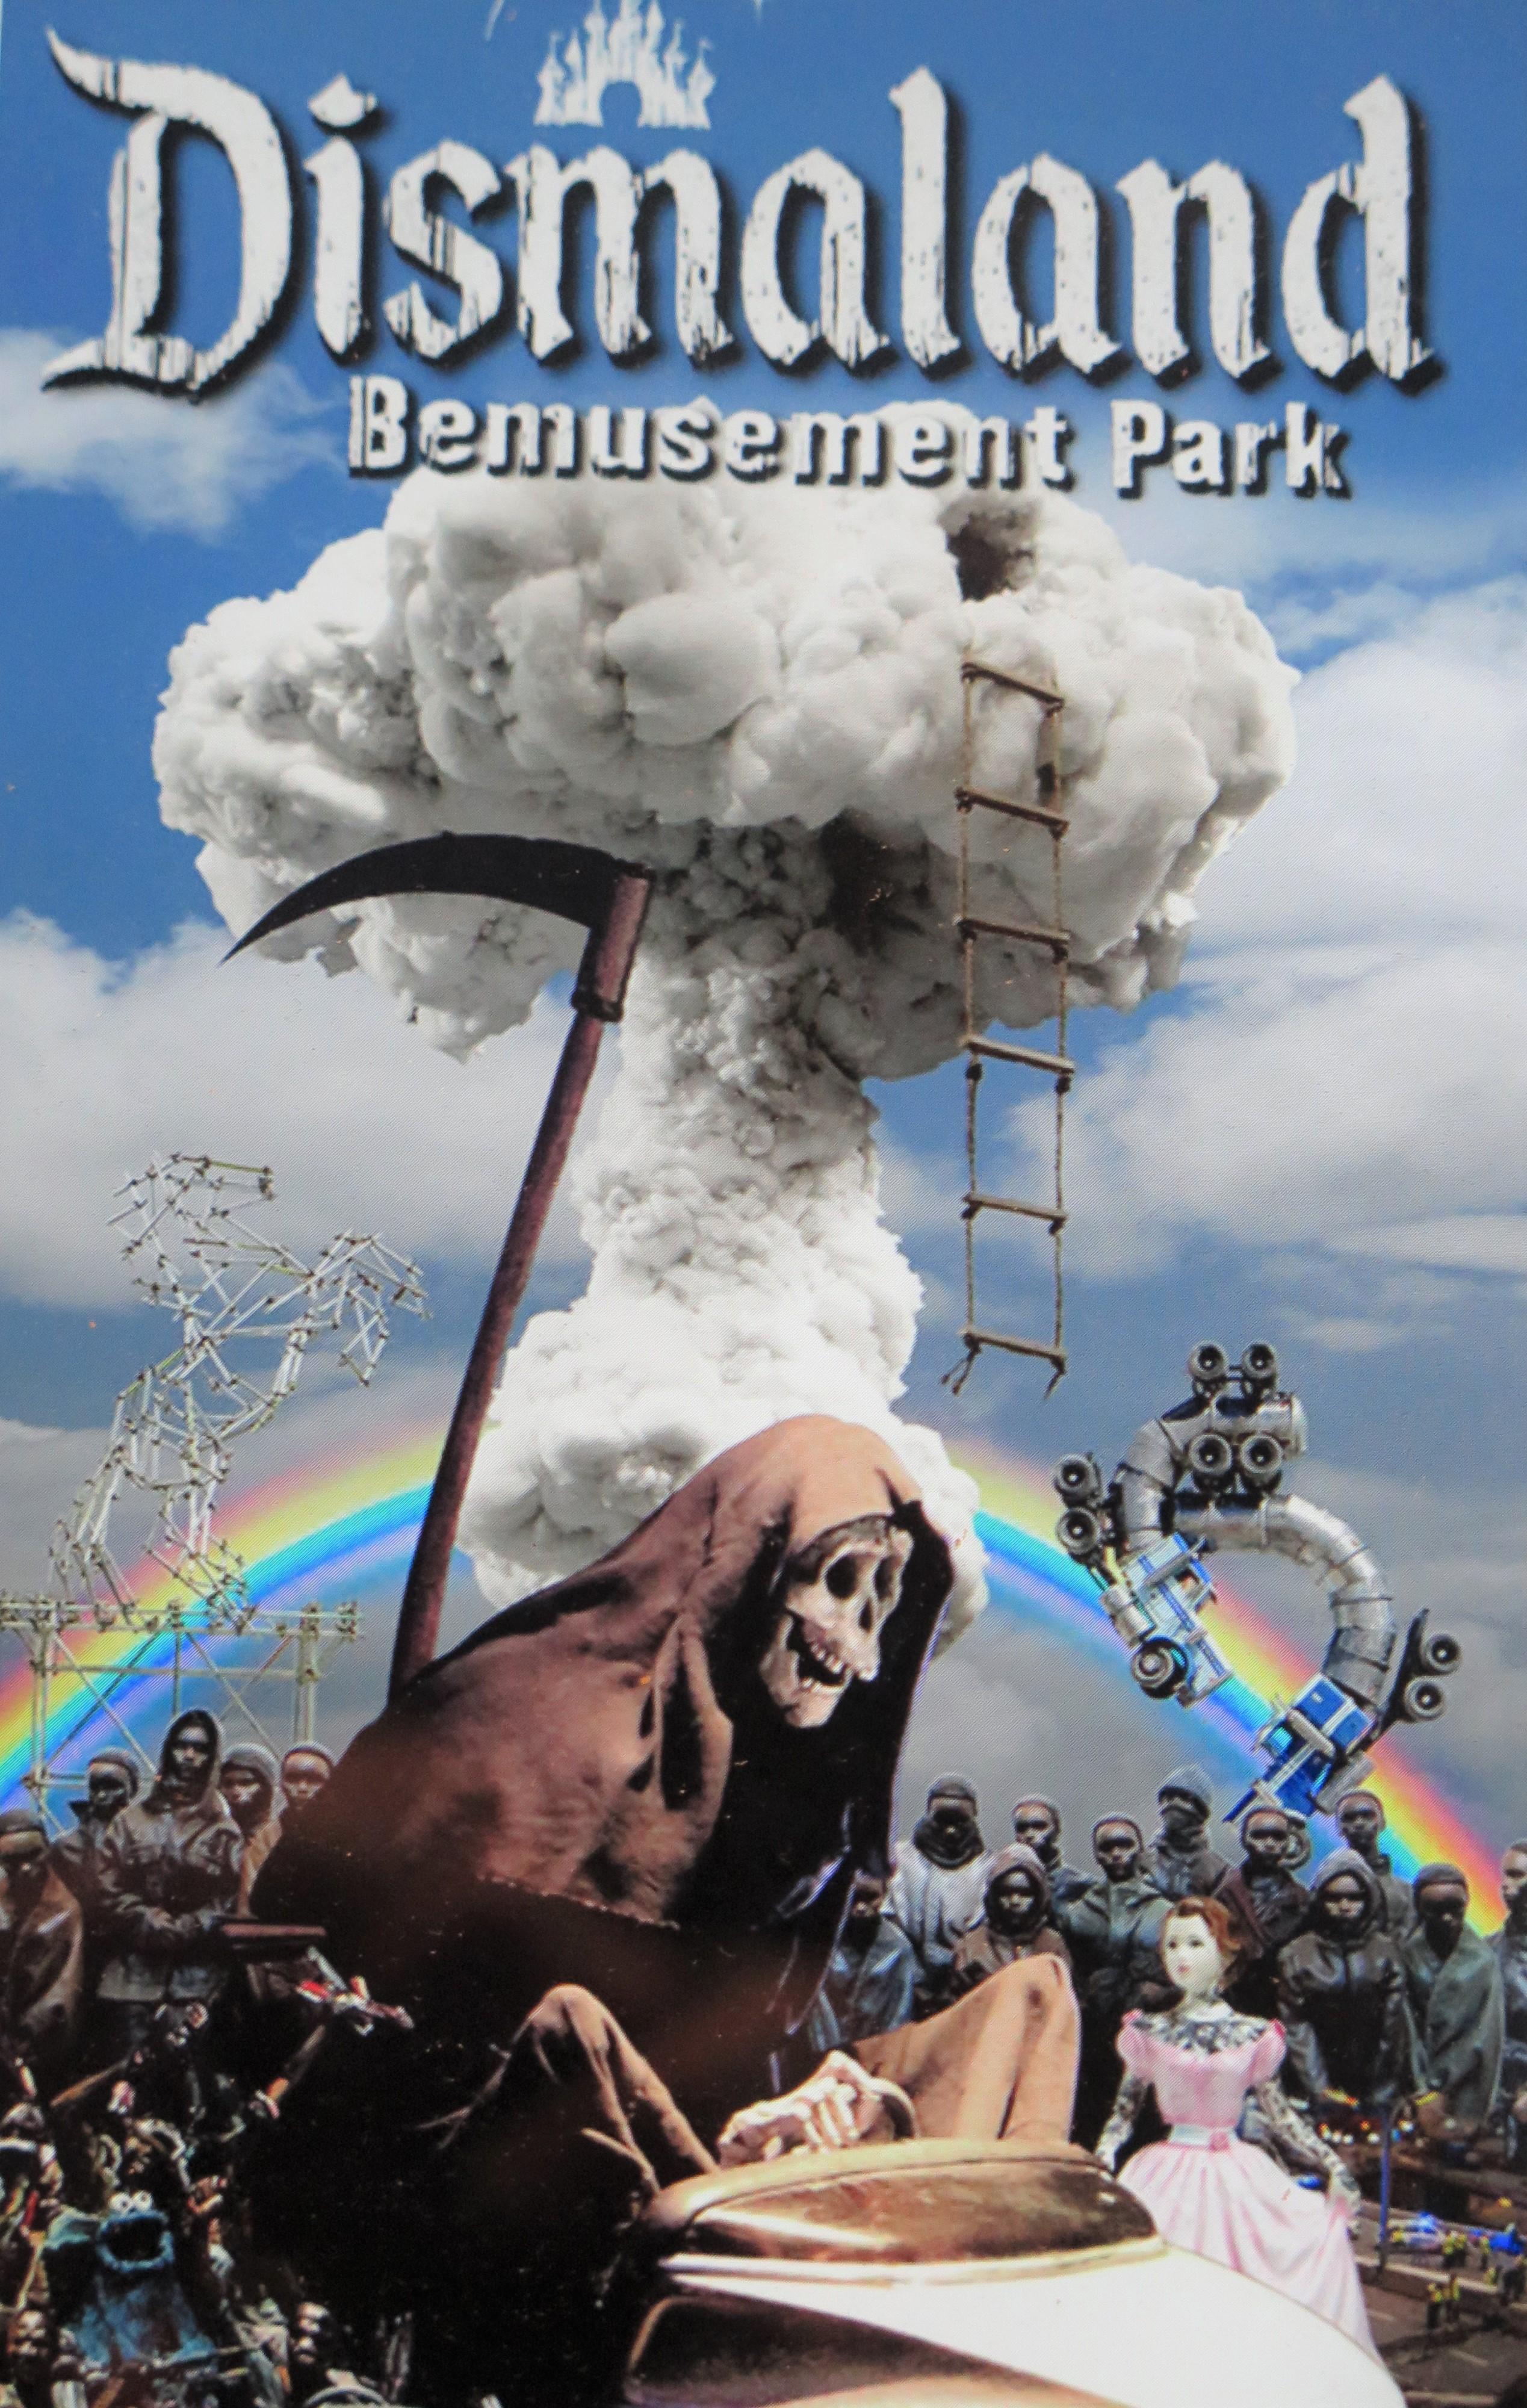 Dismaland Bemusement Park, Banksy, Banksy Most Wanted